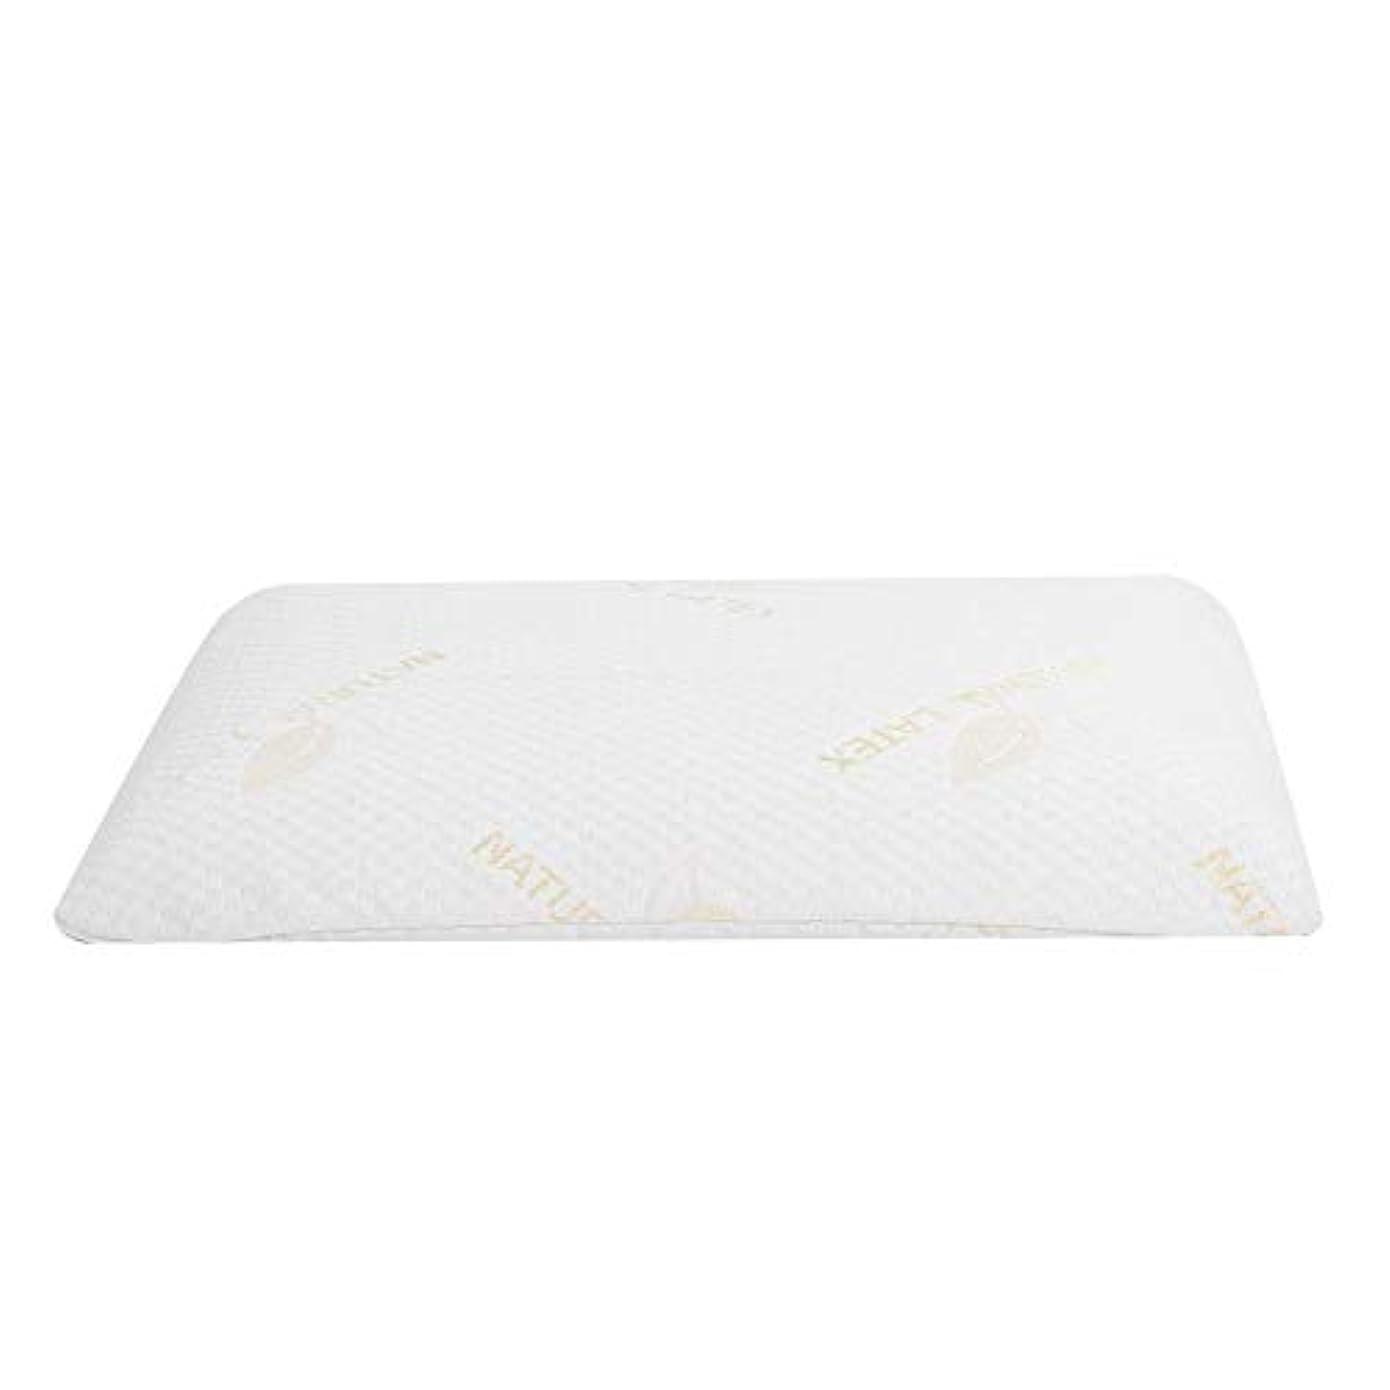 ラテックス枕、首と肩の痛みのための睡眠の自然な高い整形外科顆粒マッサージデザインのための豪華な記憶枕